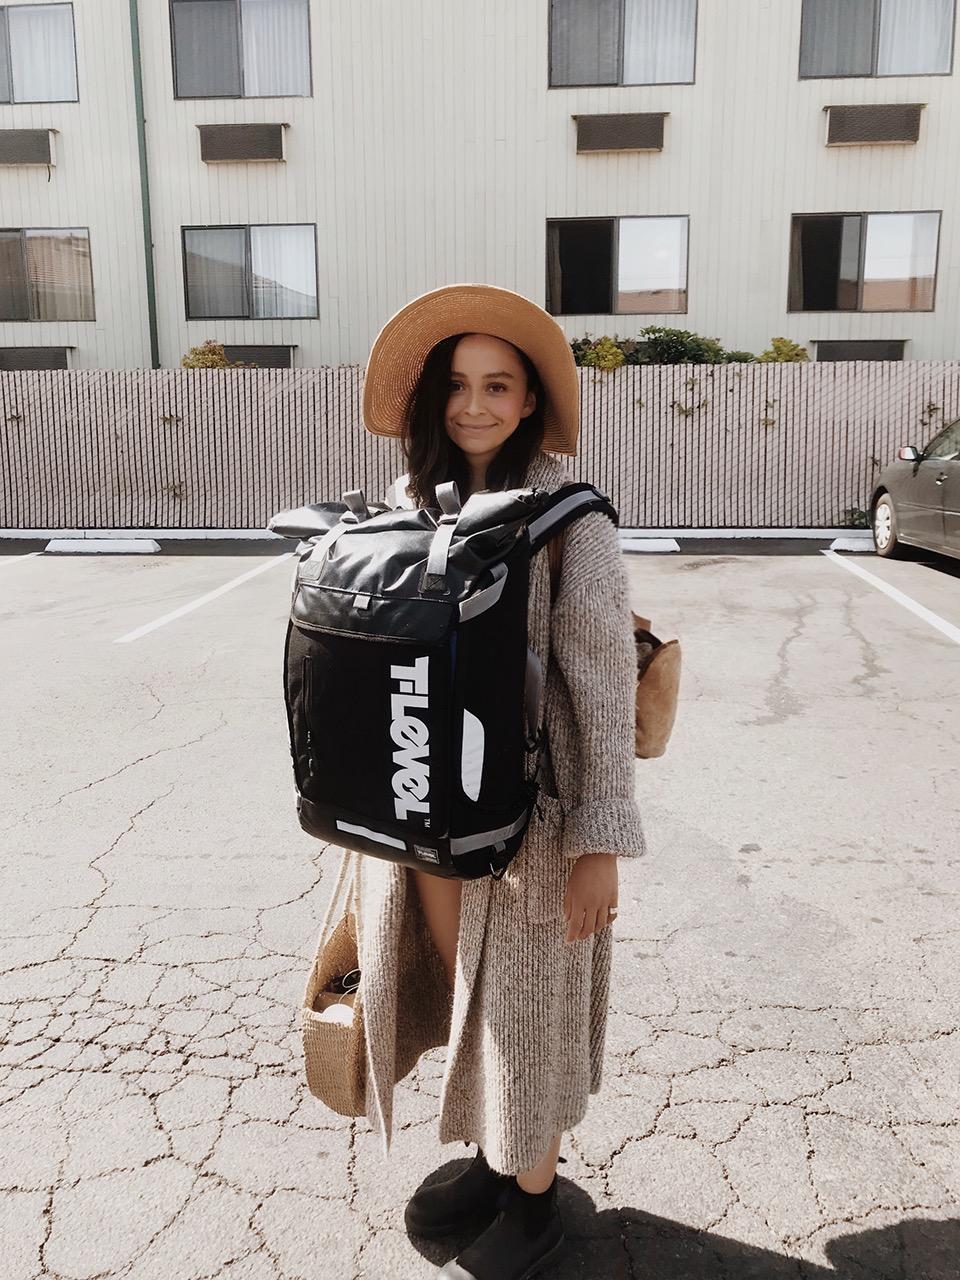 Katy Abrams